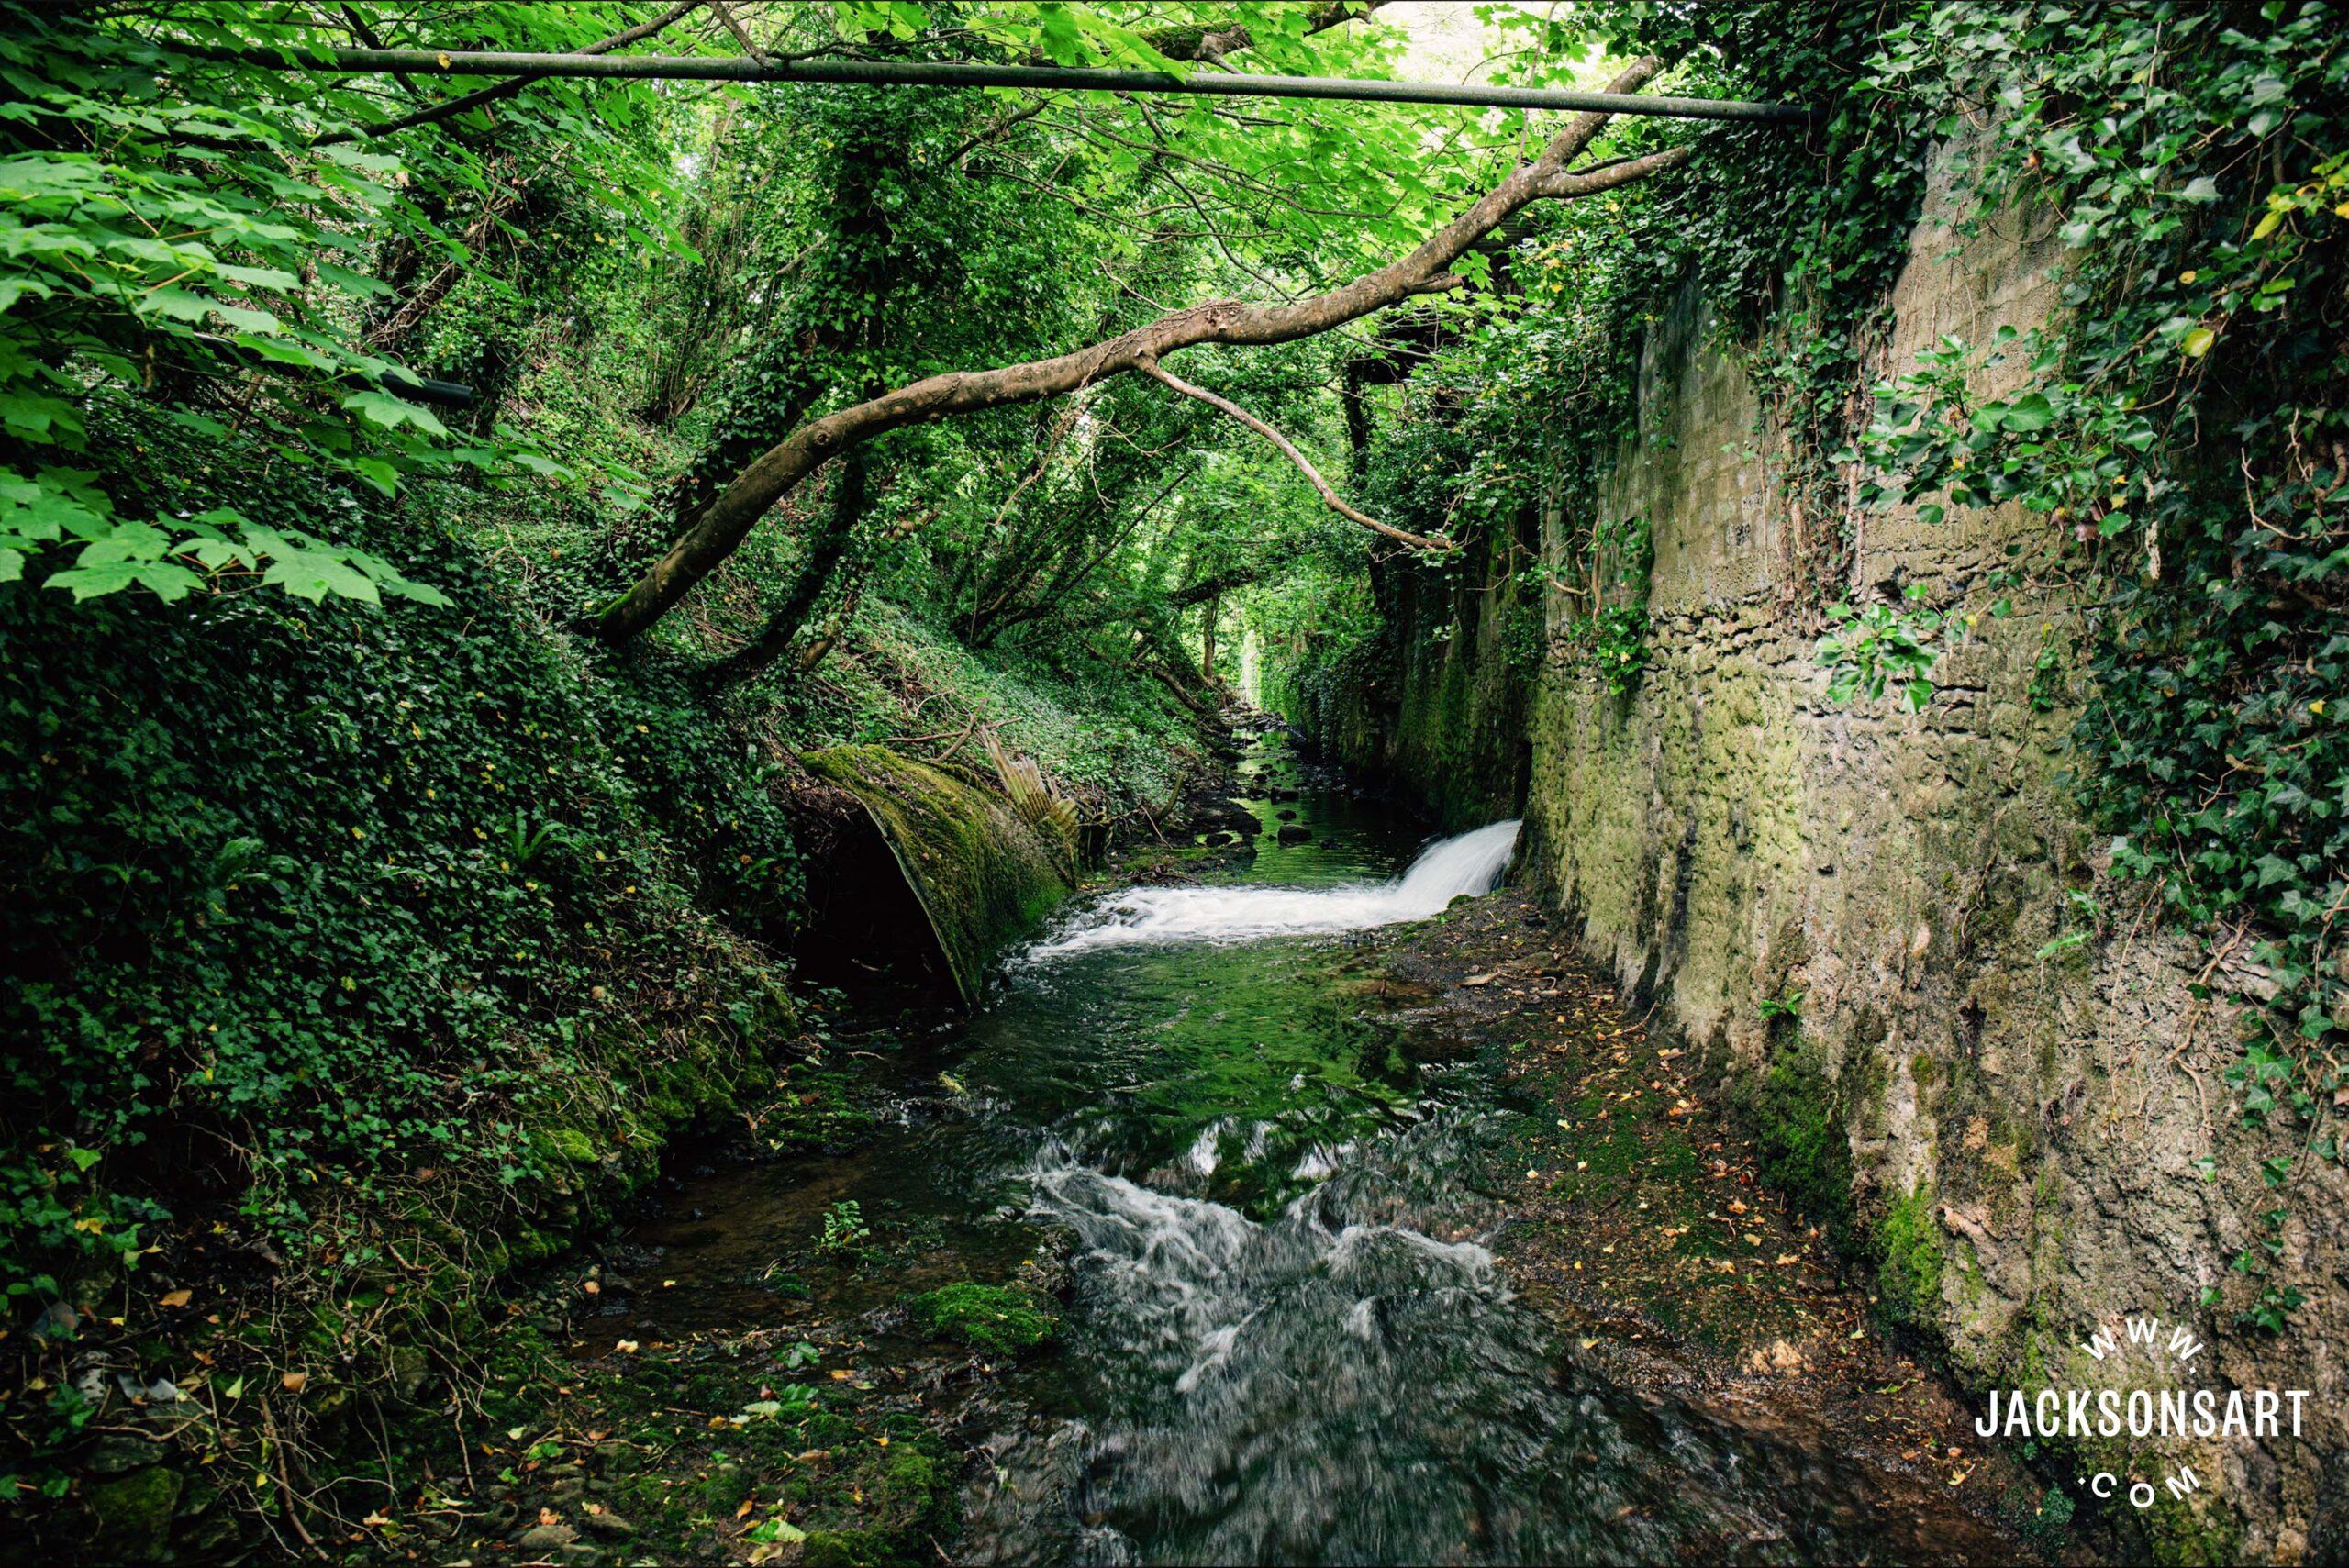 The River Axe